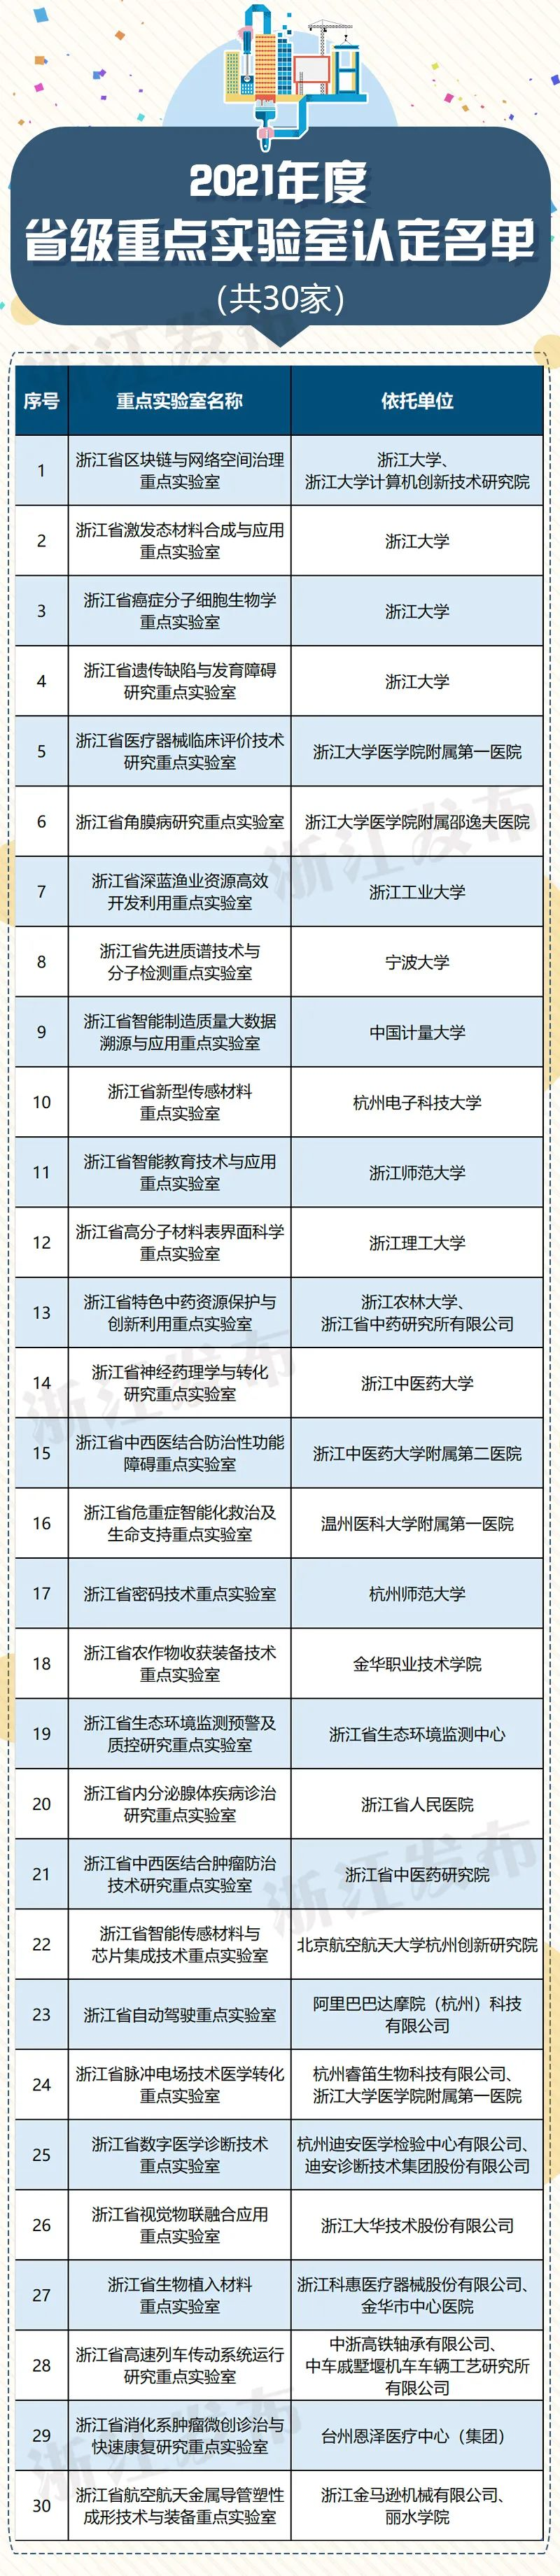 认定30家,培育建设5家!这份2021年度浙江省级重点实验室名单了解一下图片